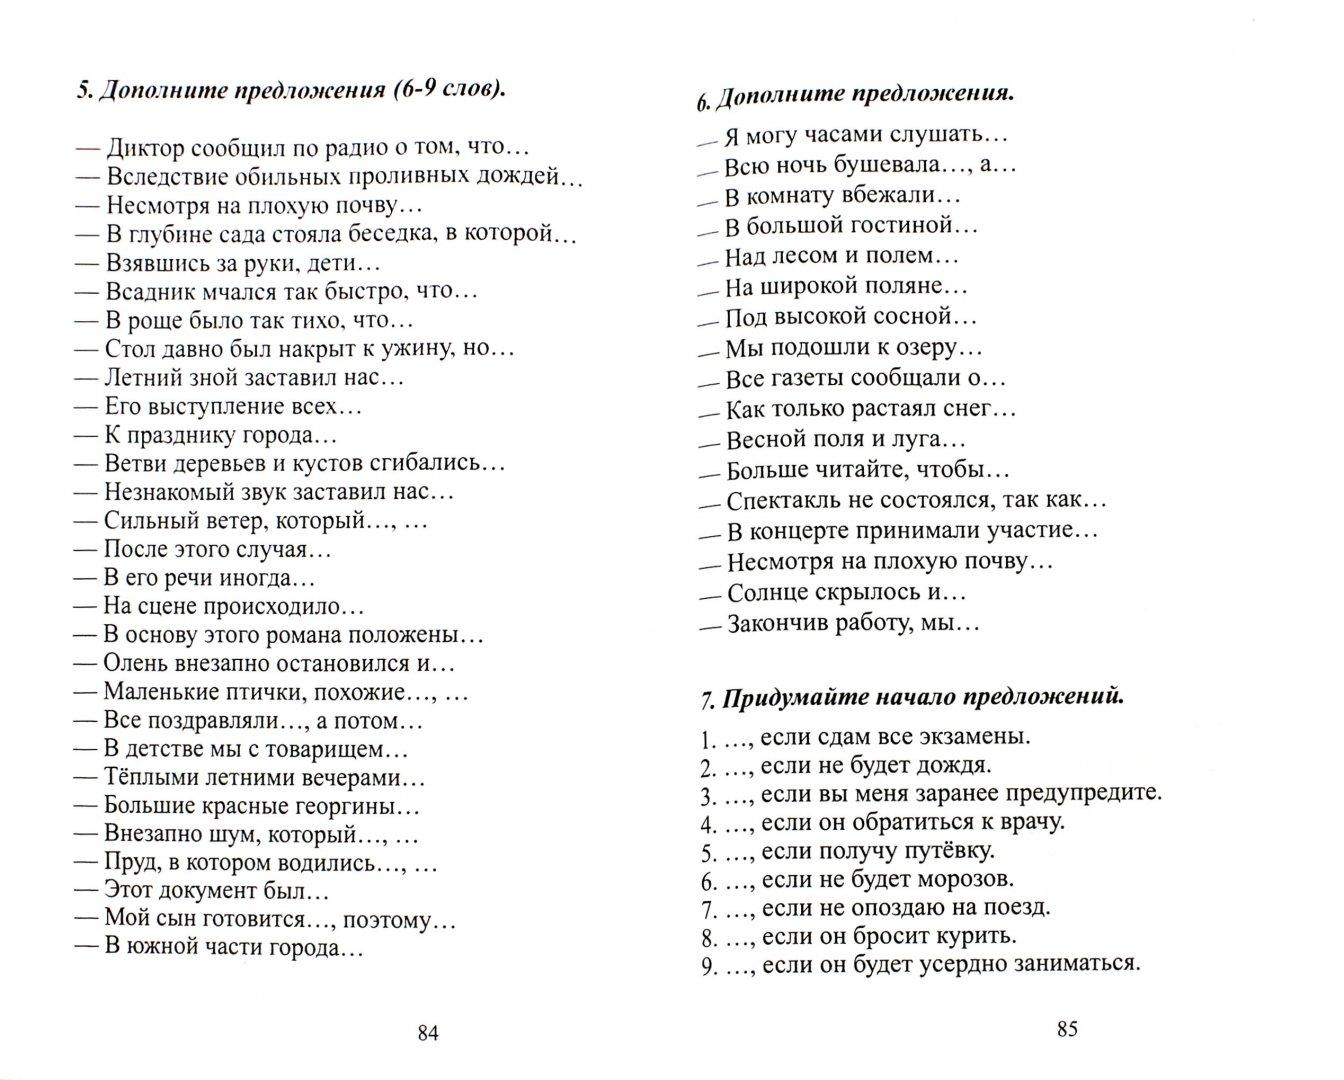 Иллюстрация 1 из 4 для Восстановление речи после инсульта. Комплекс упражнений. Средняя и легкая форма афазии - Л. Клепацкая | Лабиринт - книги. Источник: Лабиринт